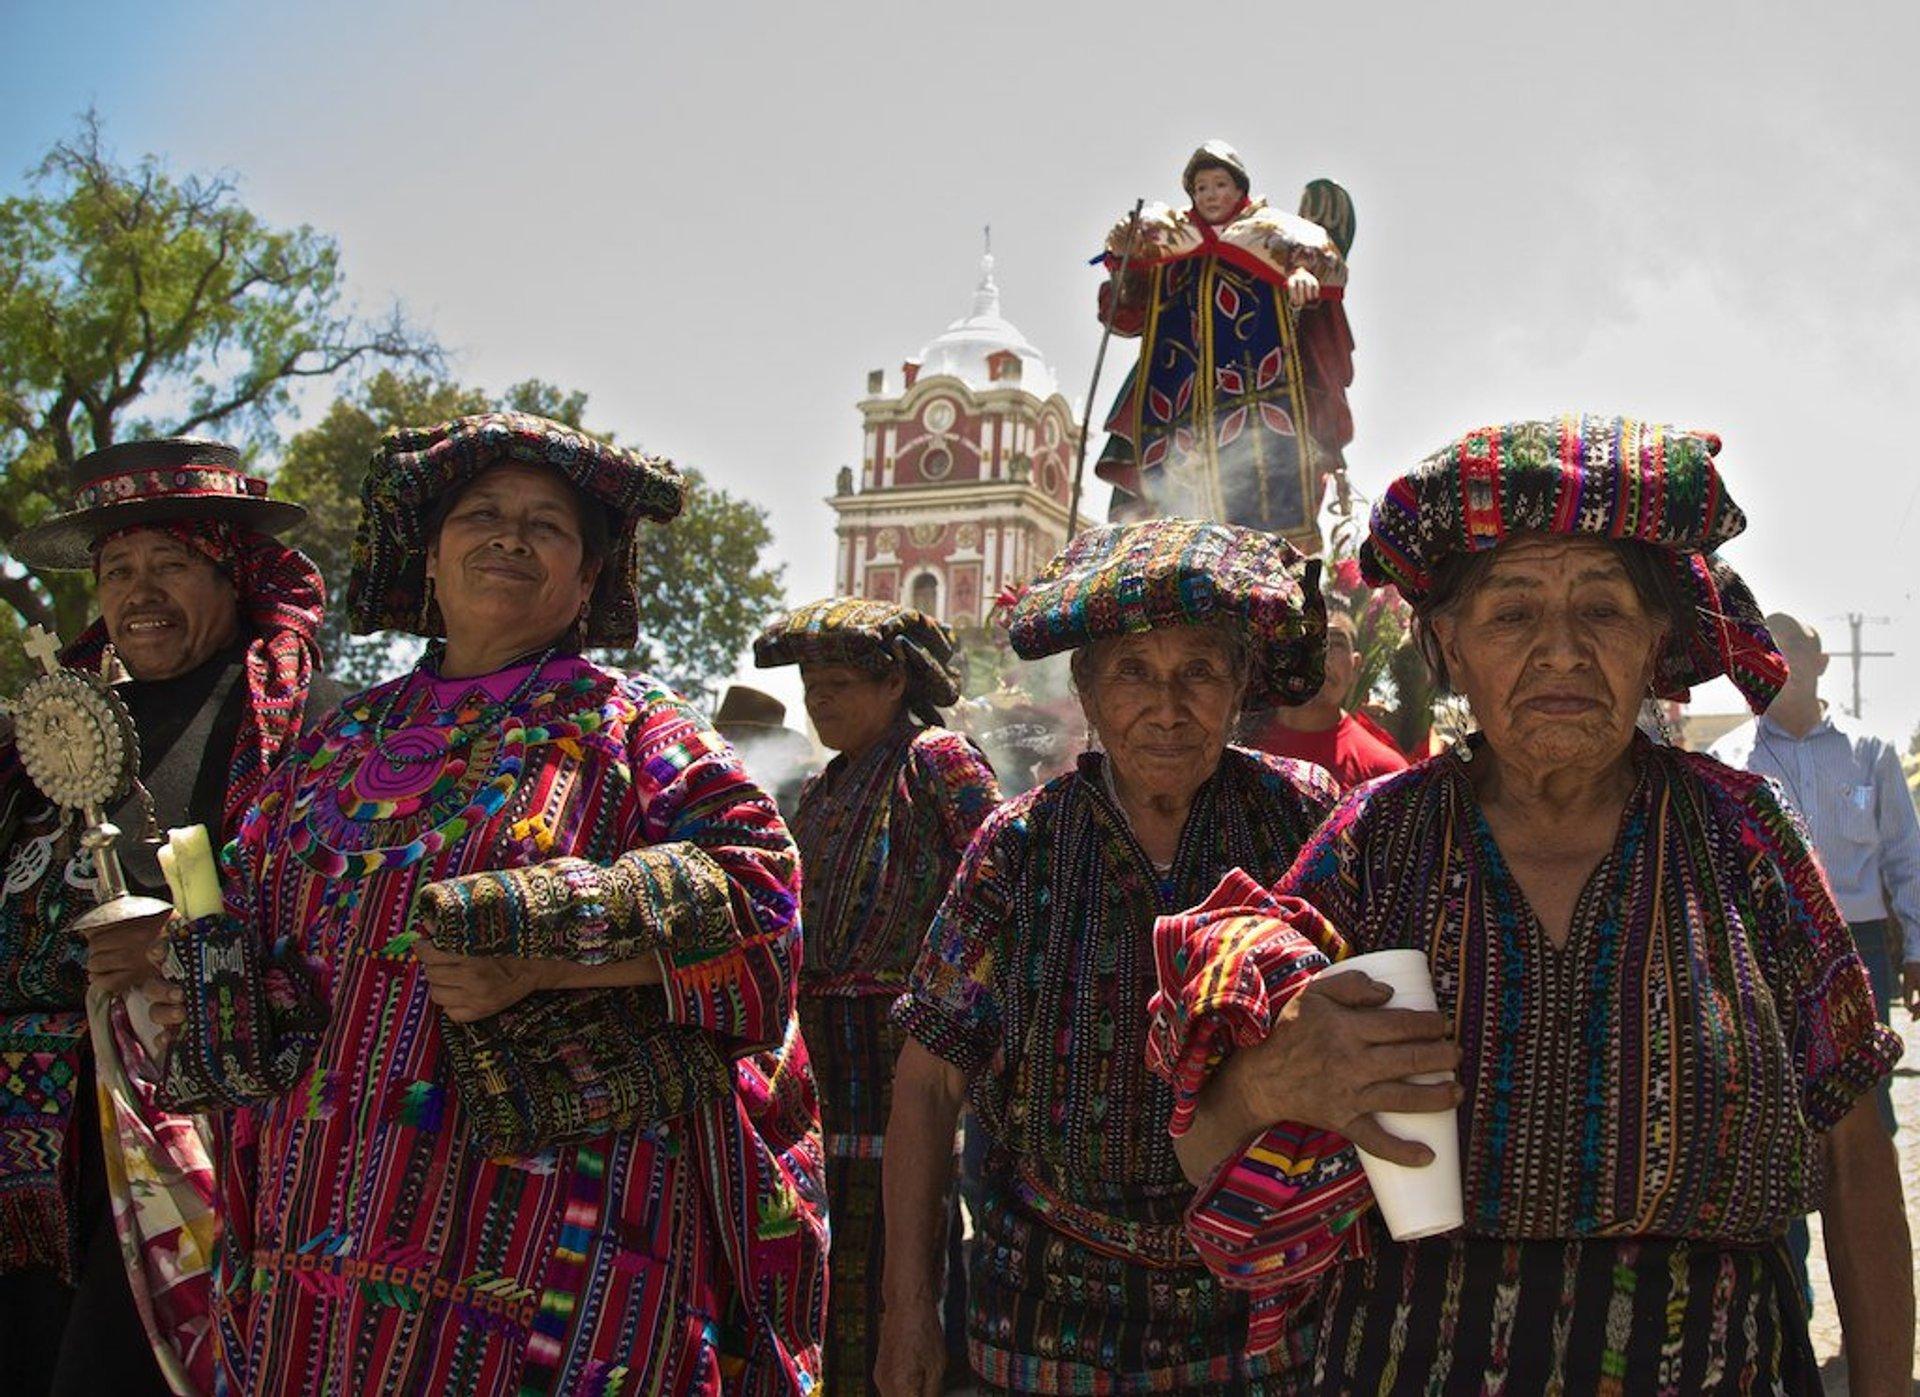 Best time for Día de la Asunción in Guatemala 2020